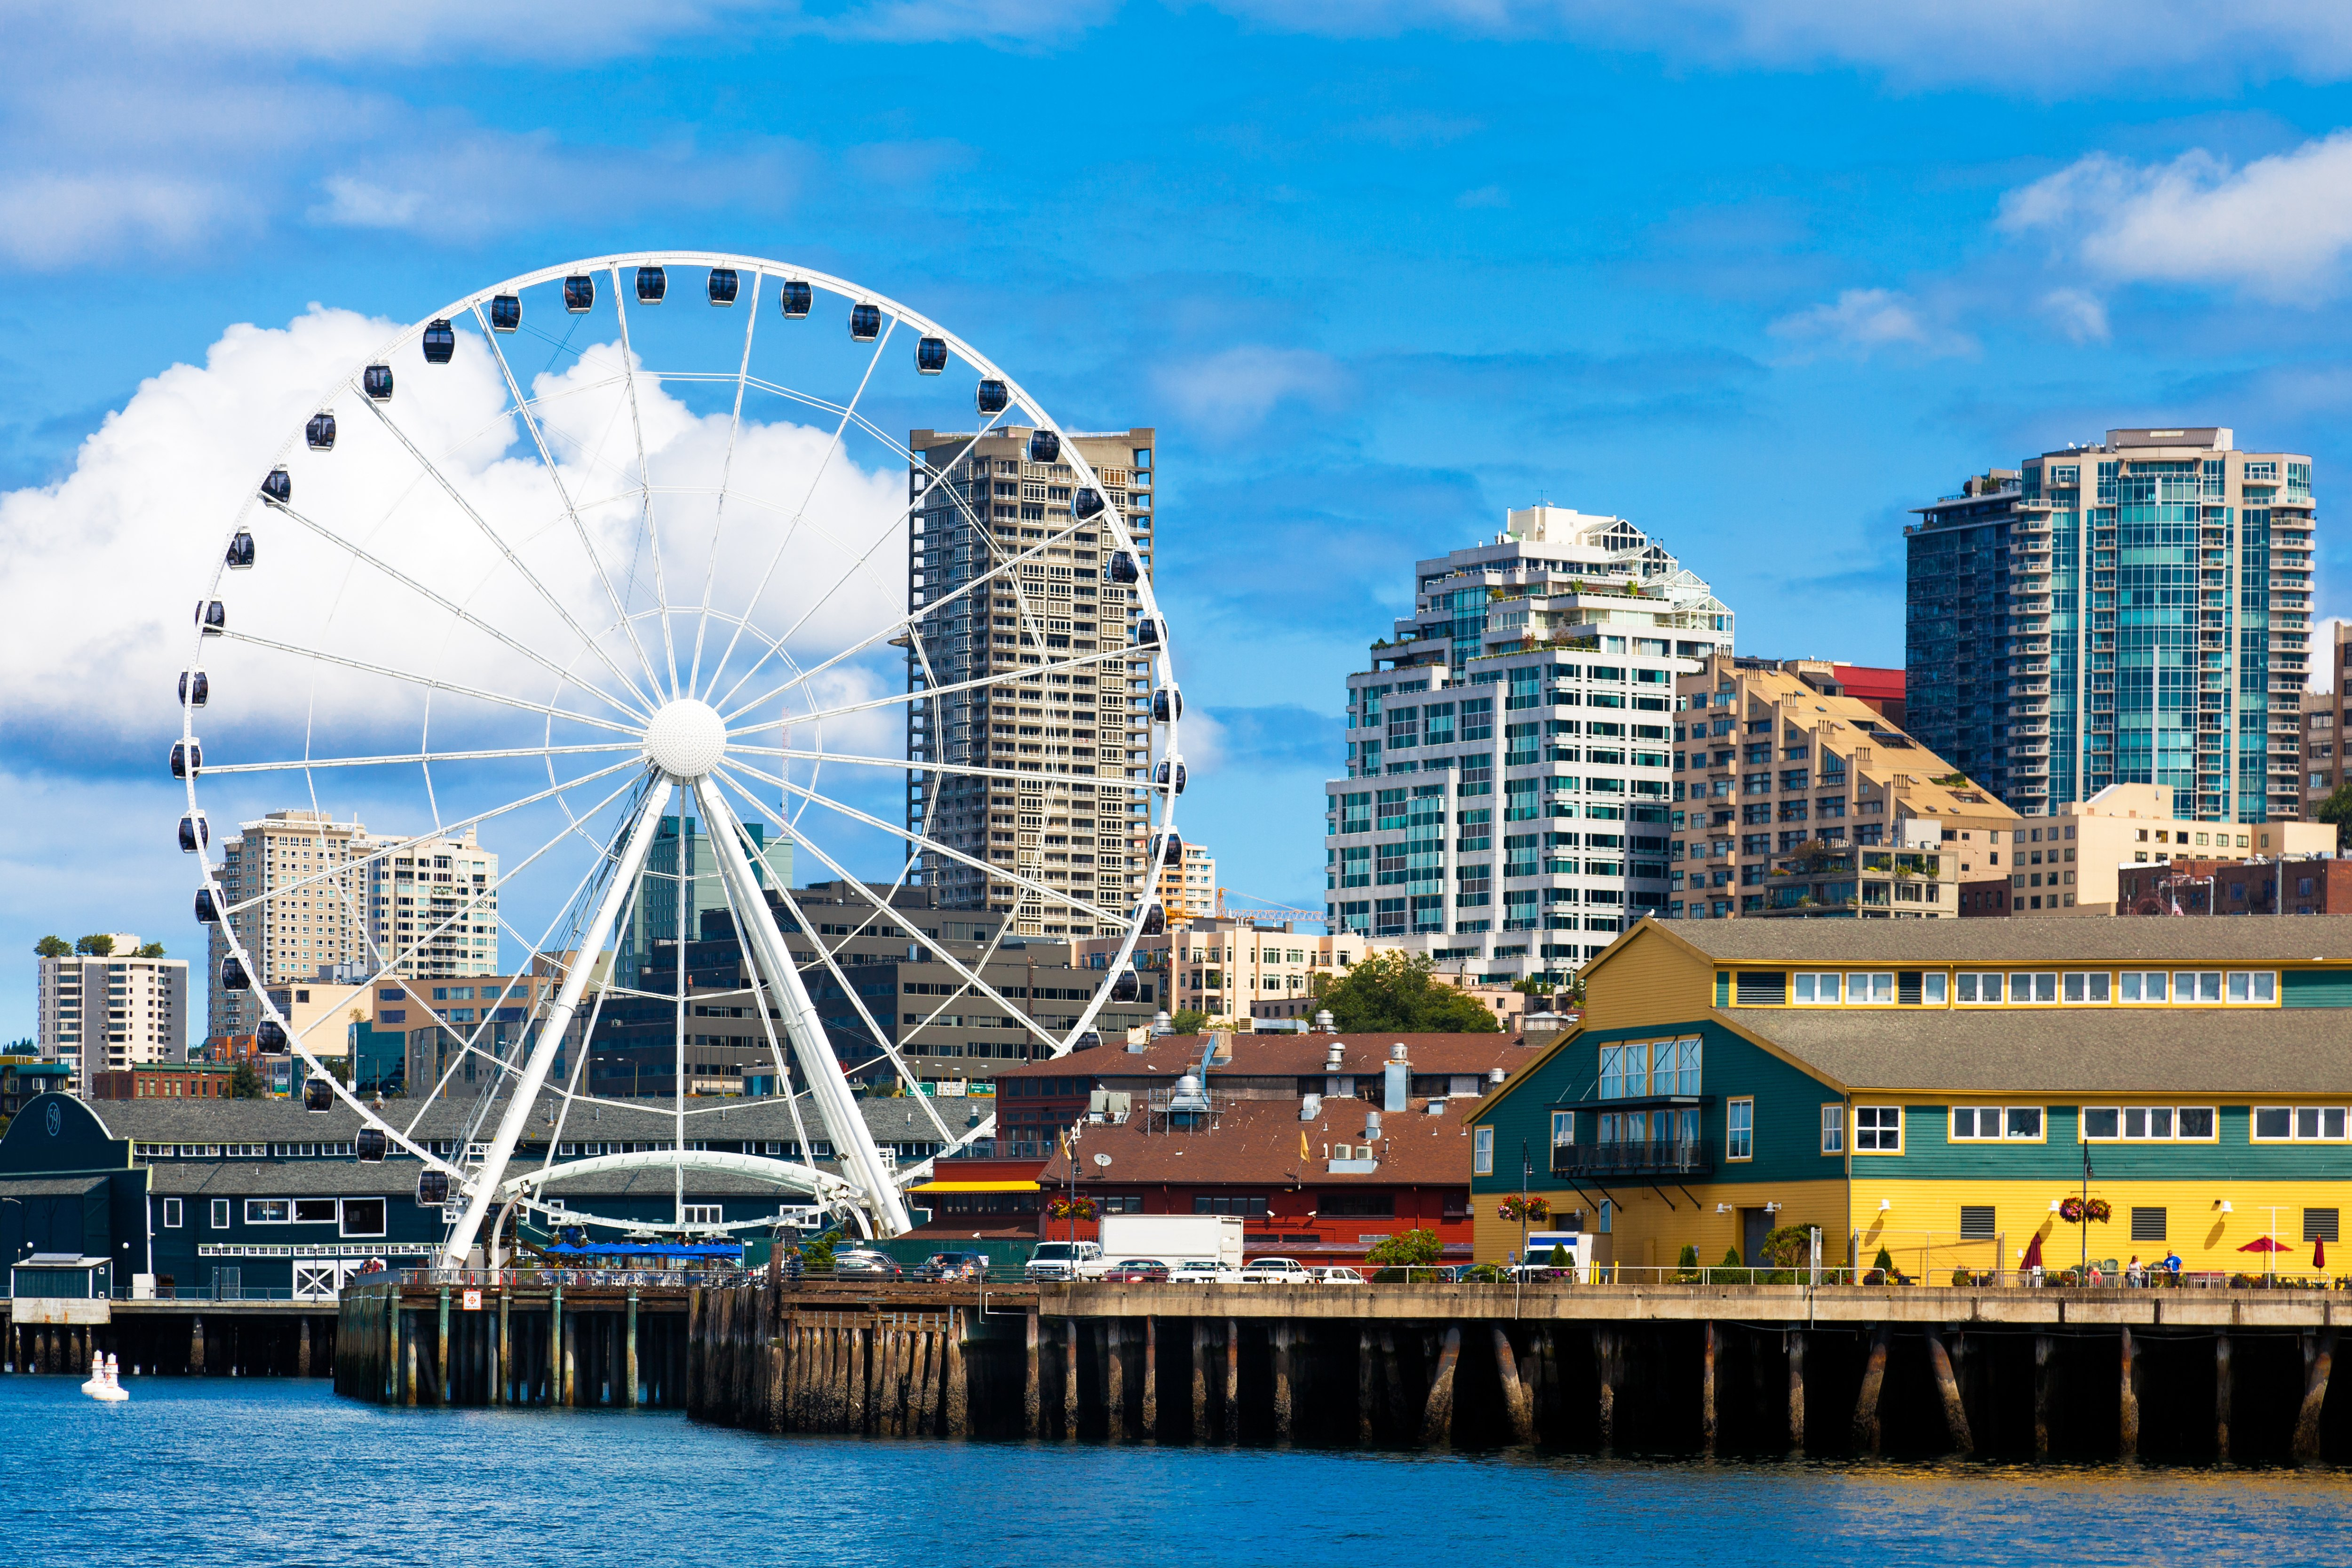 西雅图摩天轮旅游景点图片